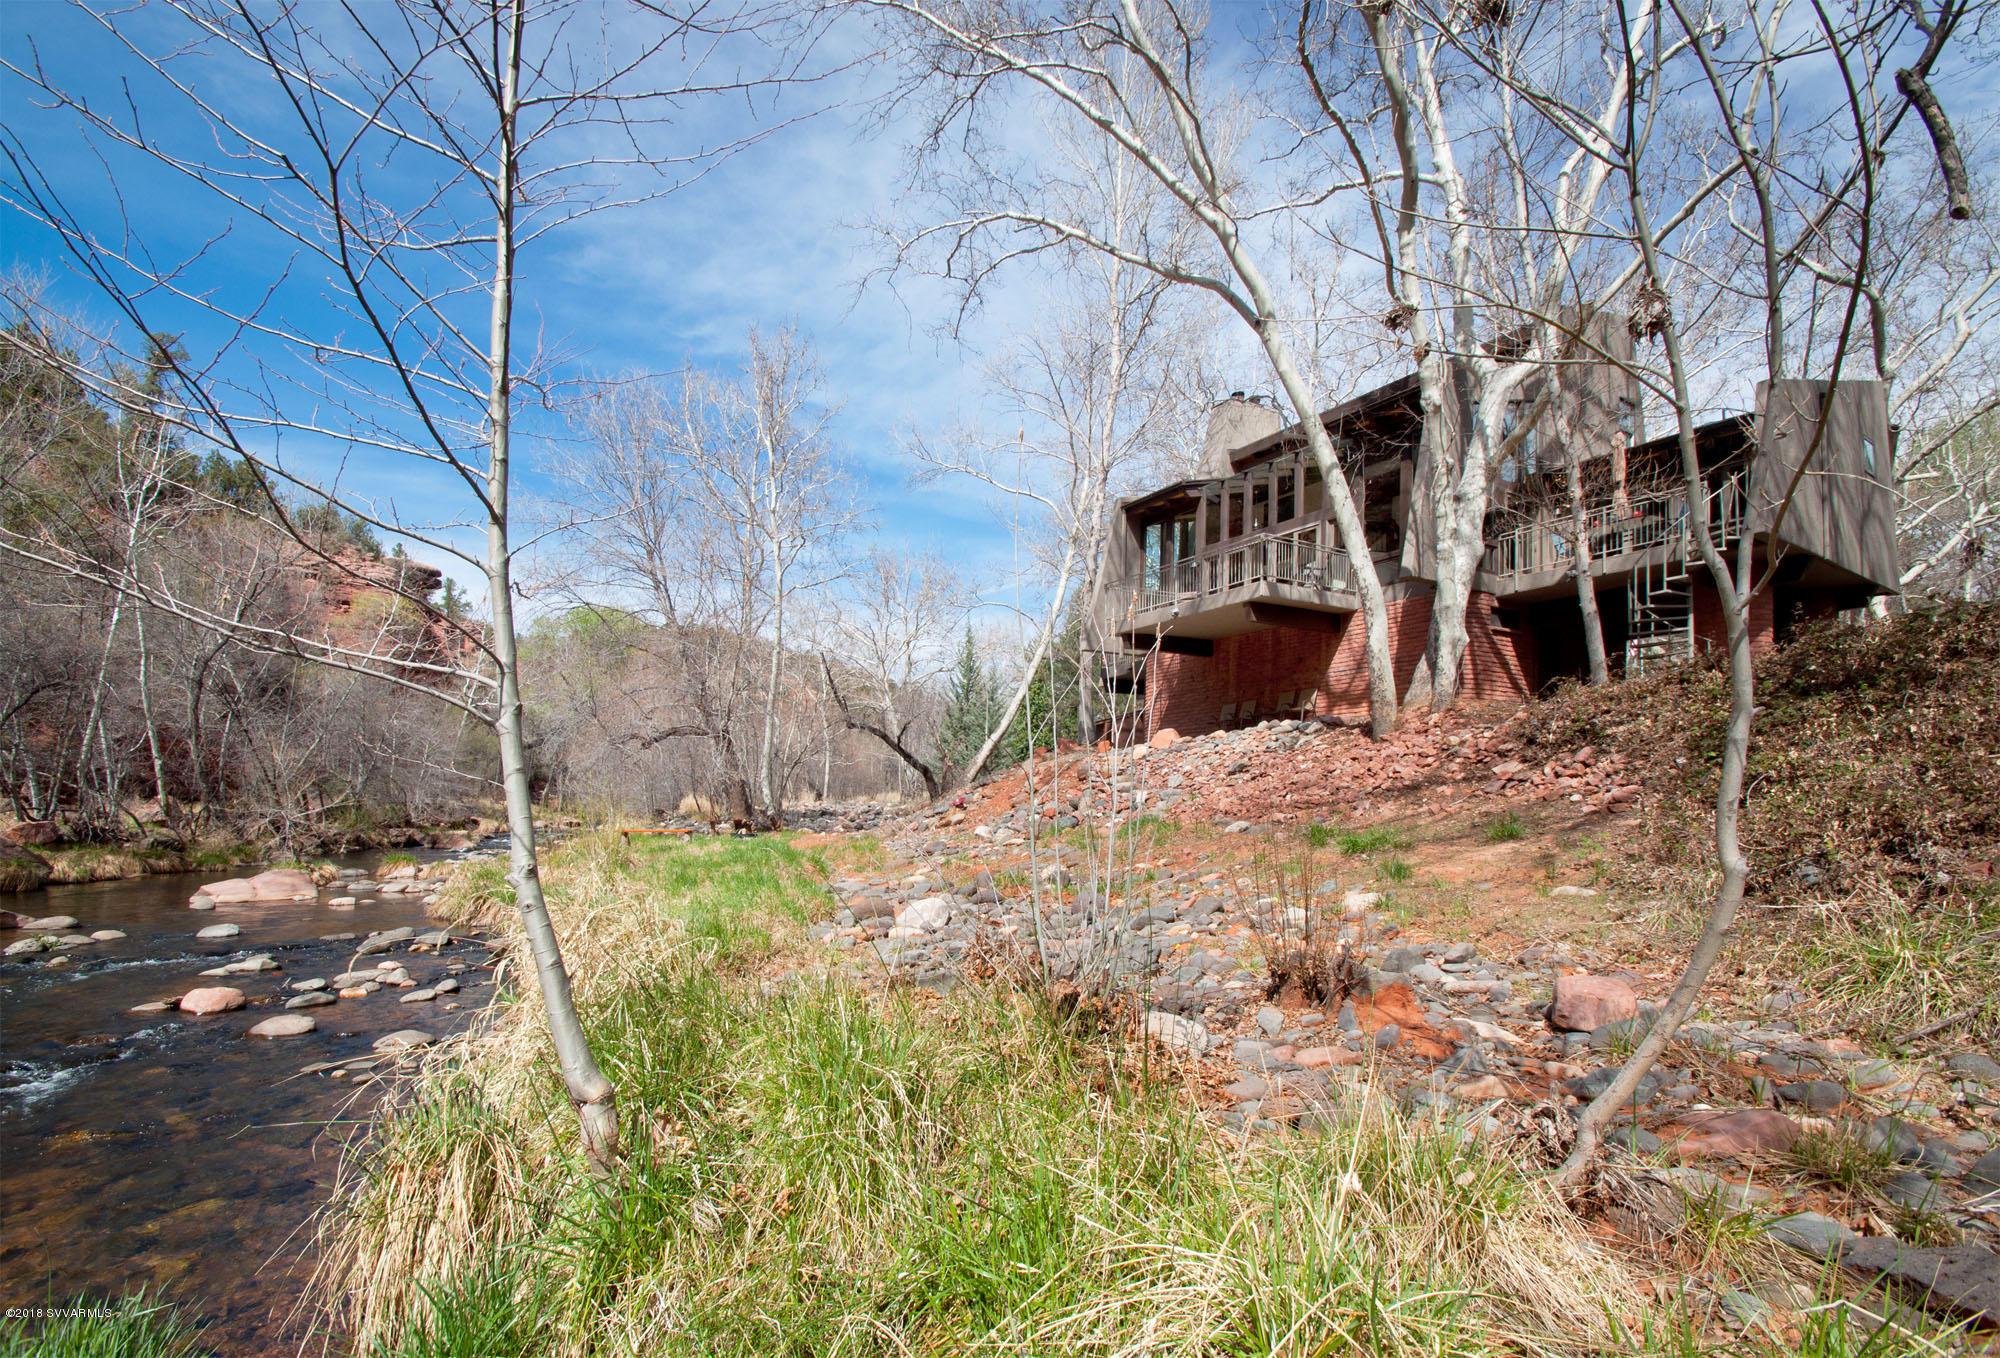 105 Sycamore Rd Sedona, AZ 86336